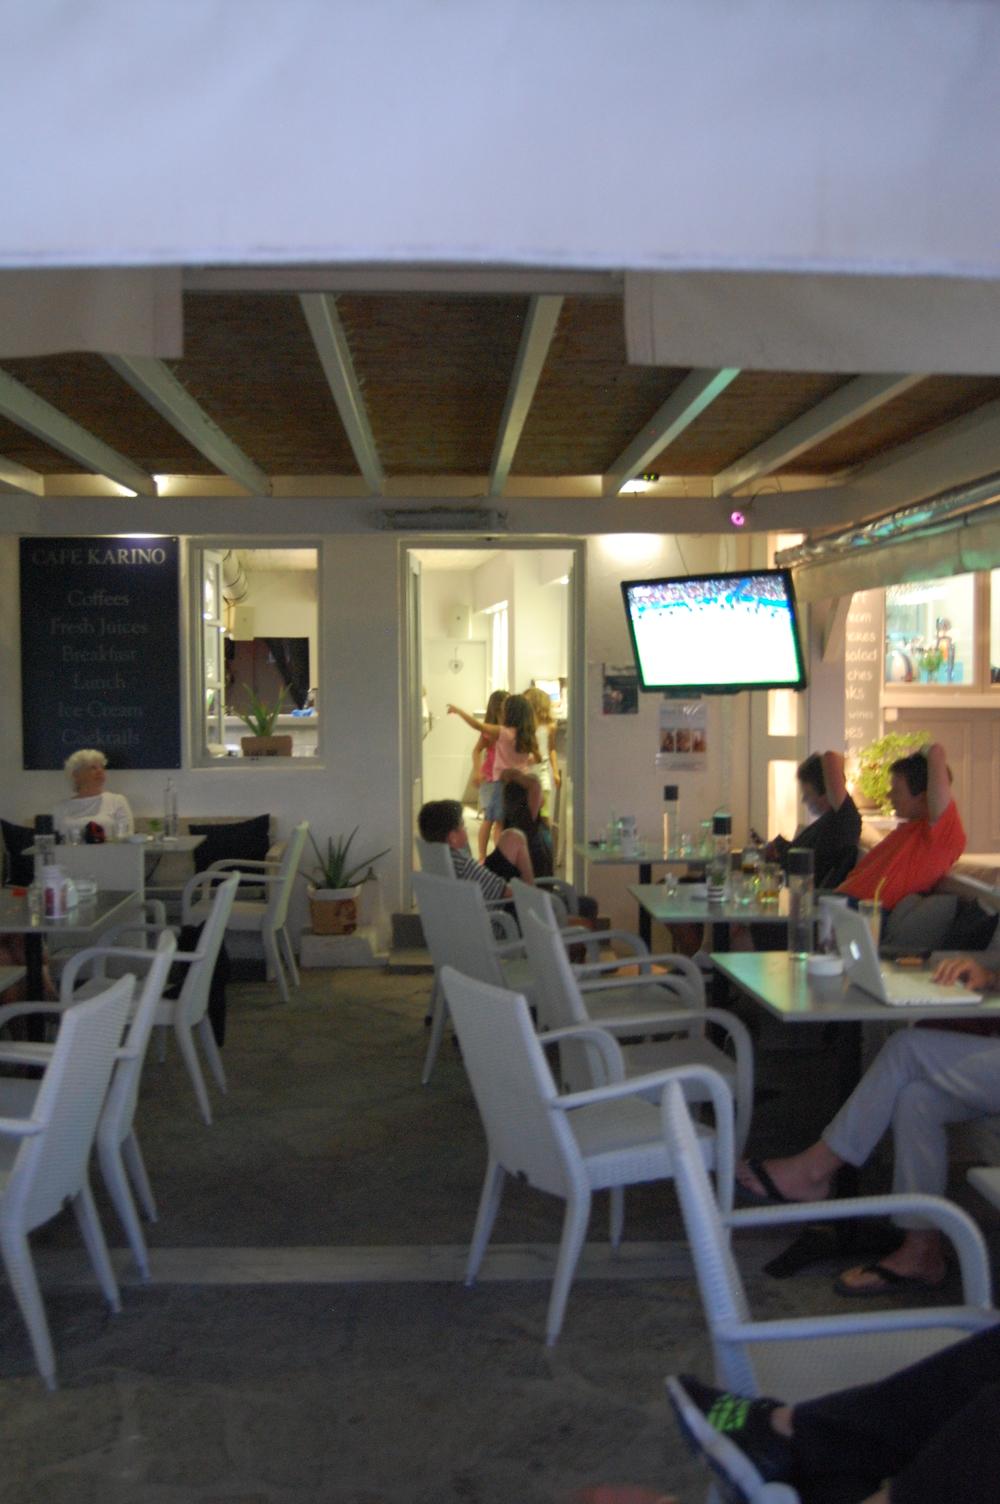 Cafe Karinos